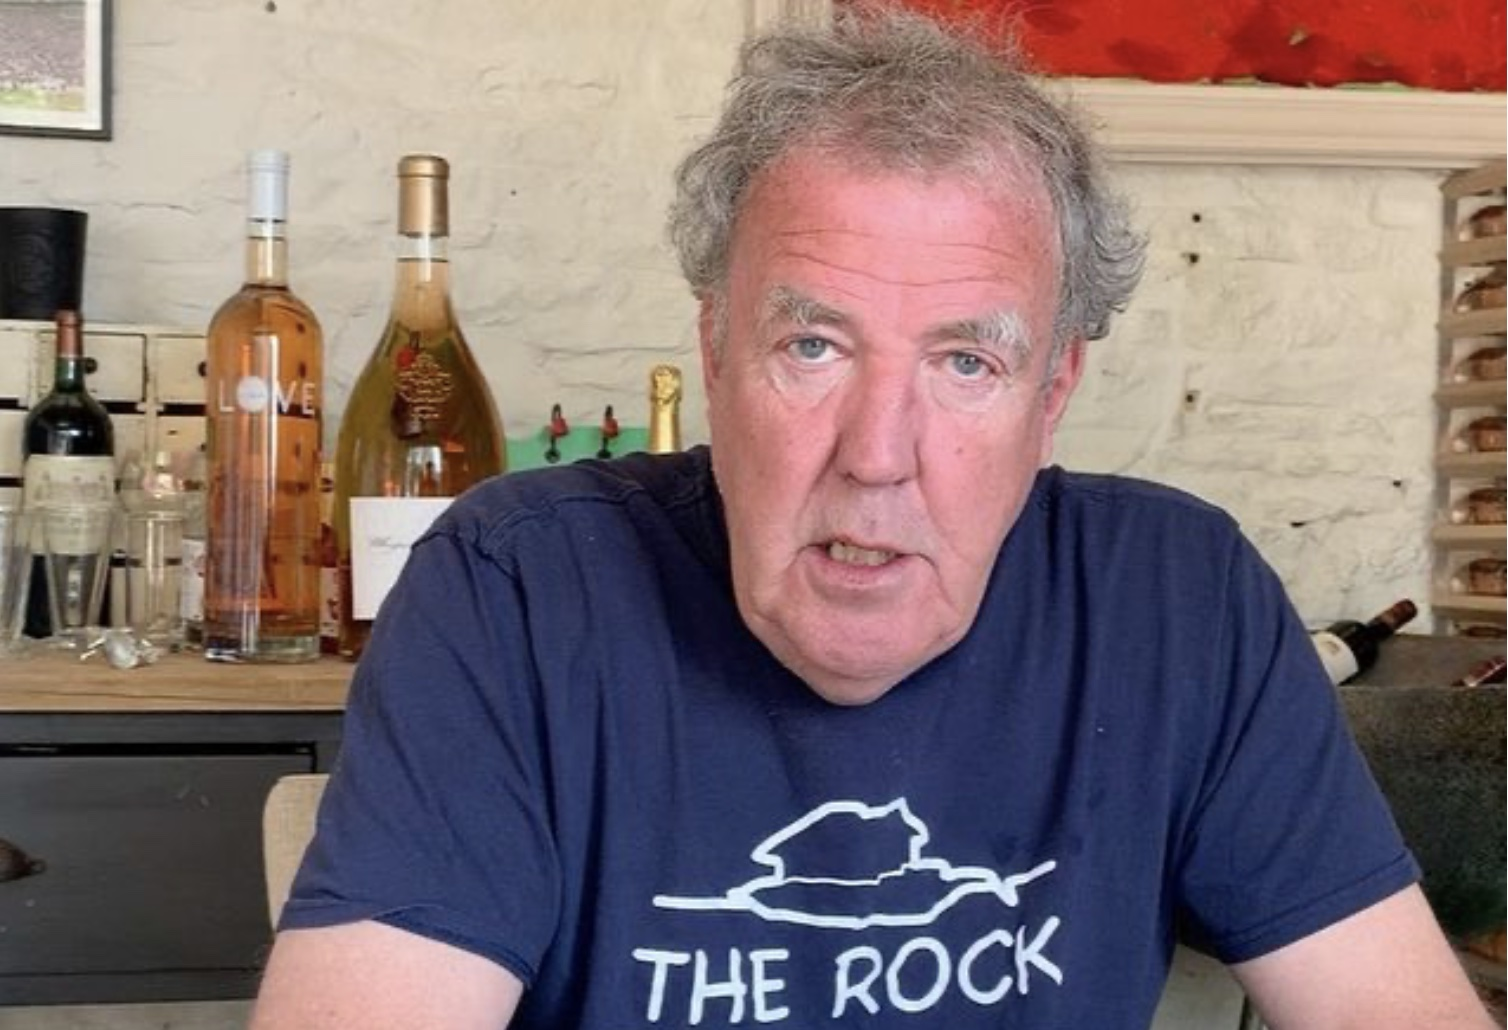 Grand Tour, Jeremy Clarkson, Covid-https://www.instagram.com/p/B_W5s2Igsp0/